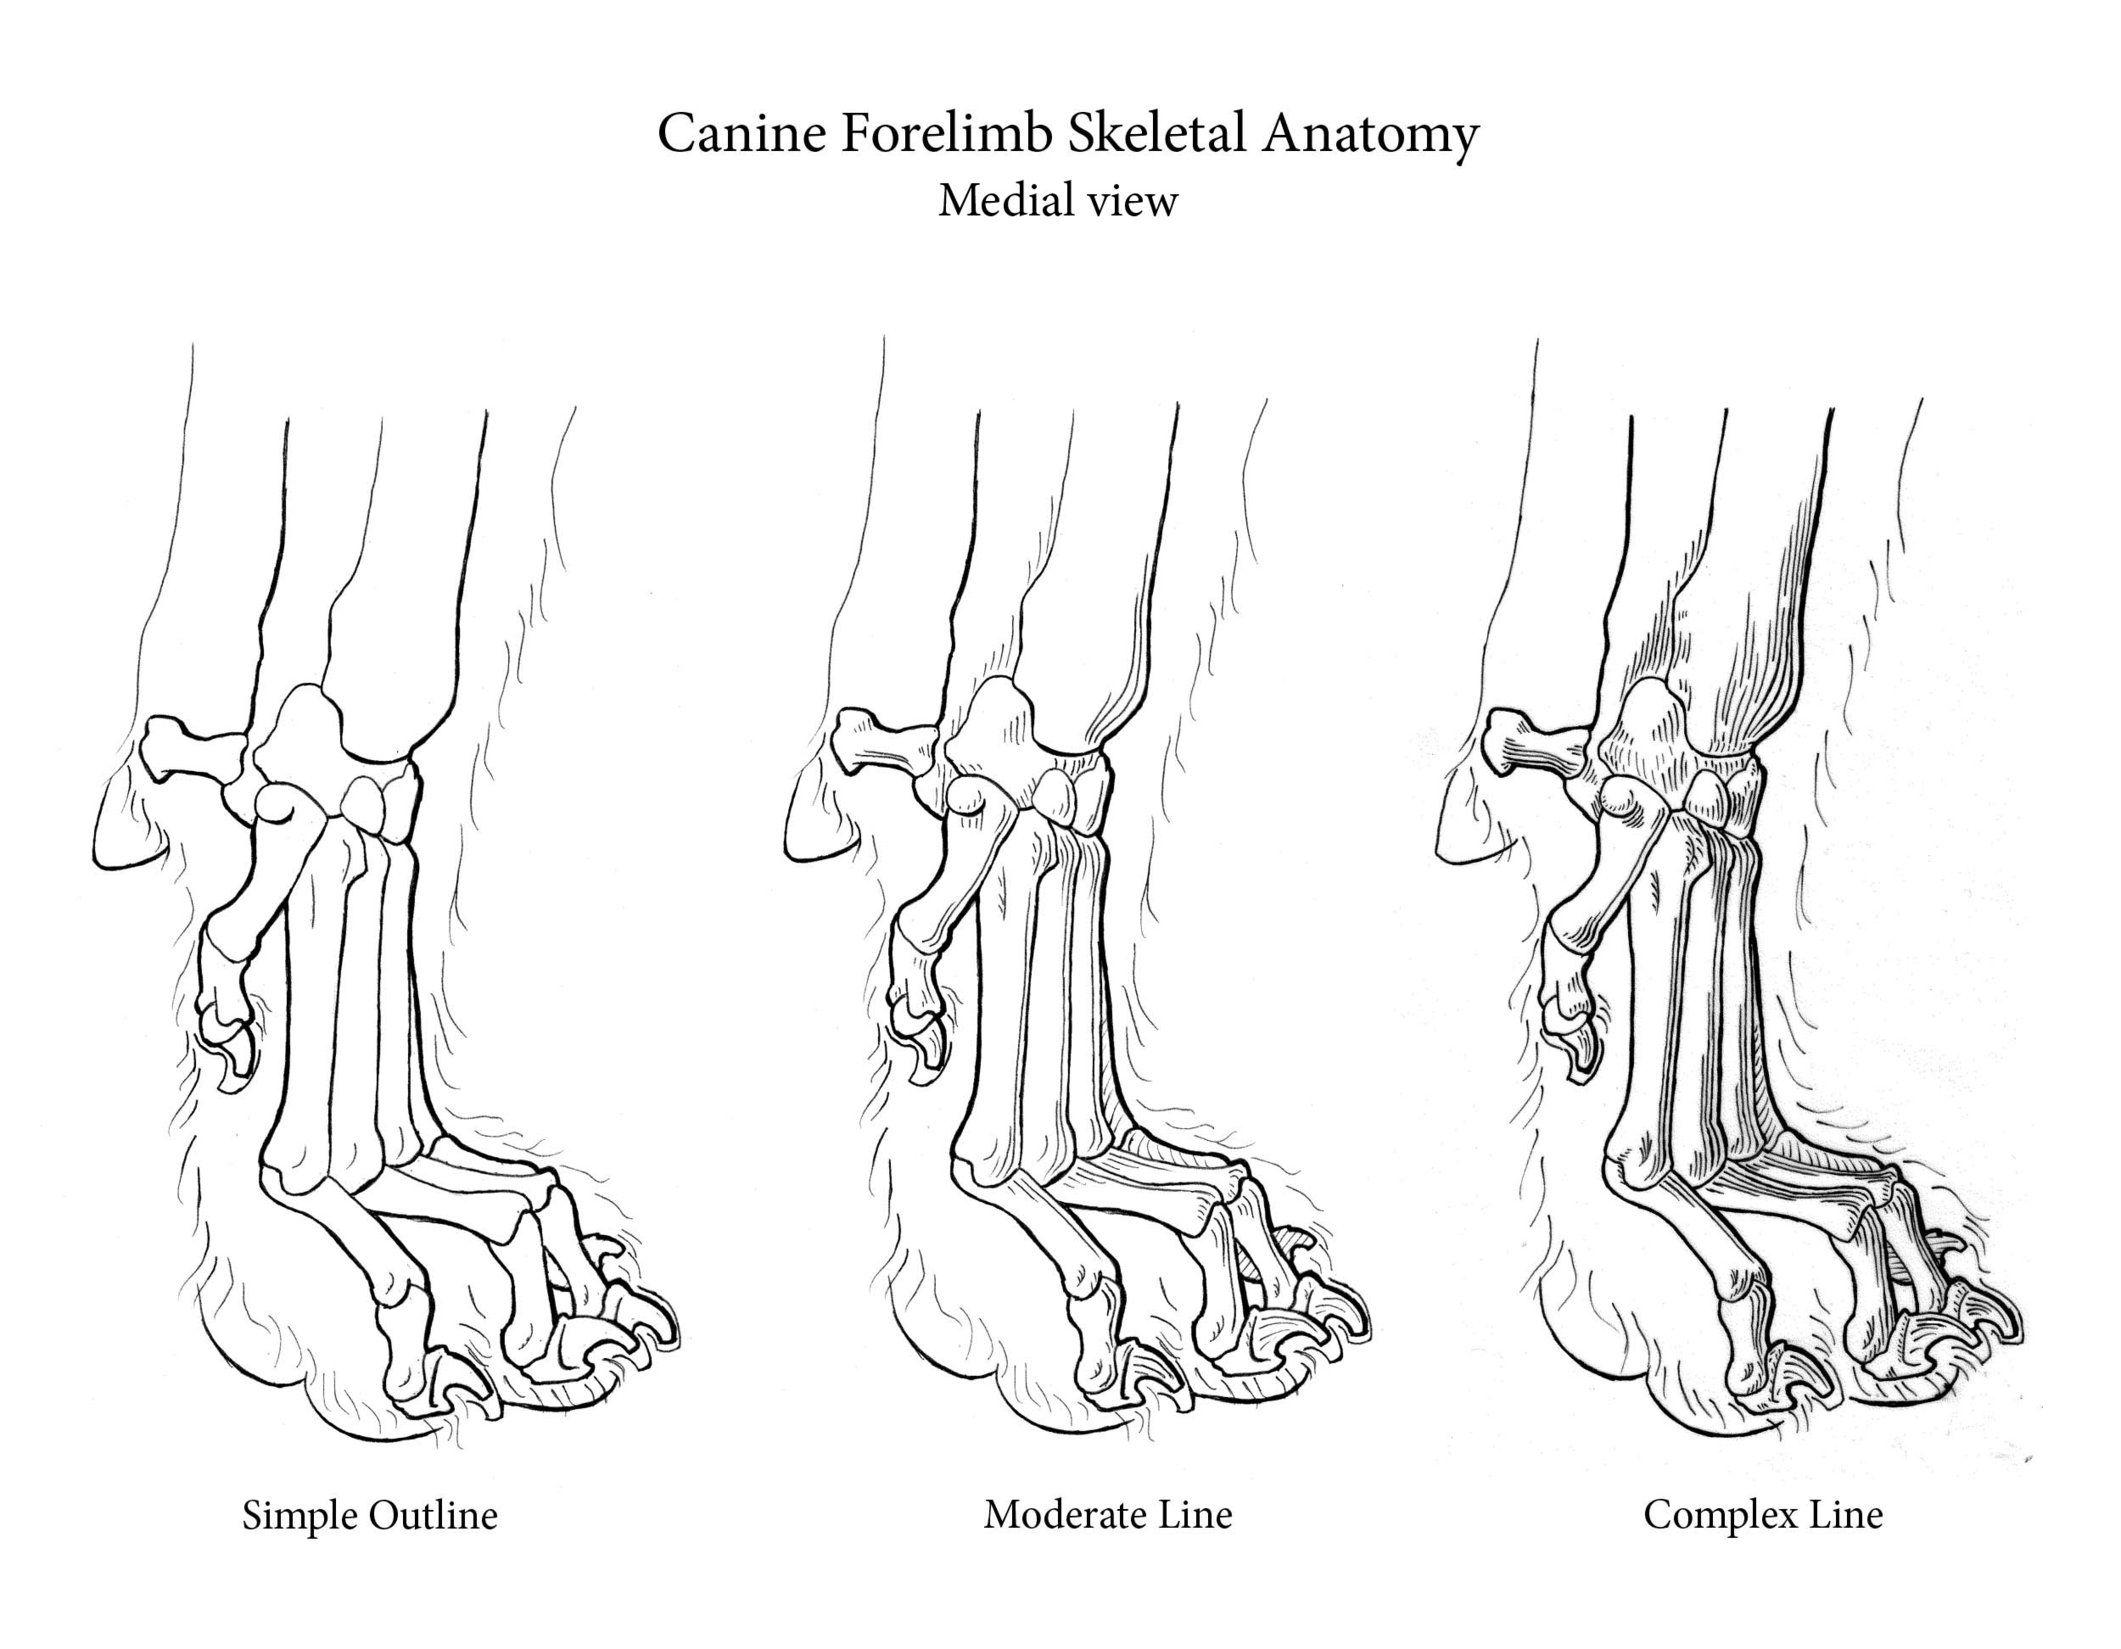 Paw bones by elizabethnixon | Руководства | Pinterest | Anatomy, Dog ...